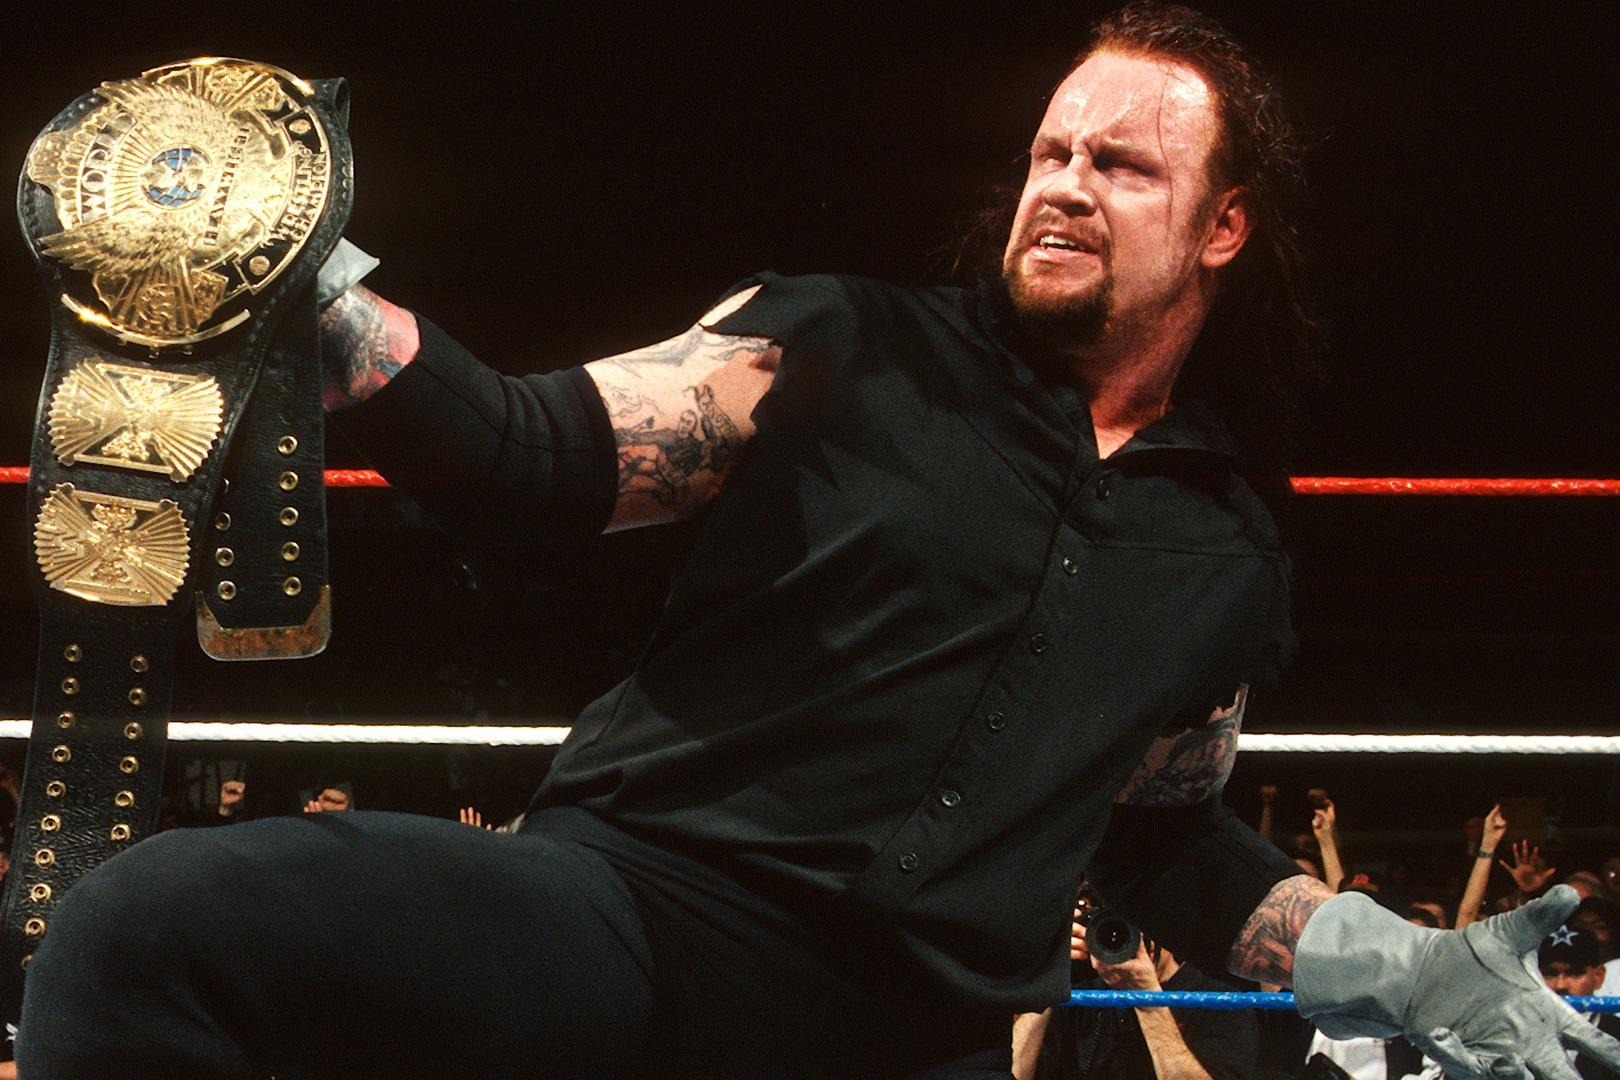 WWE fellow wrestlers sendoff to the legendary Undertaker